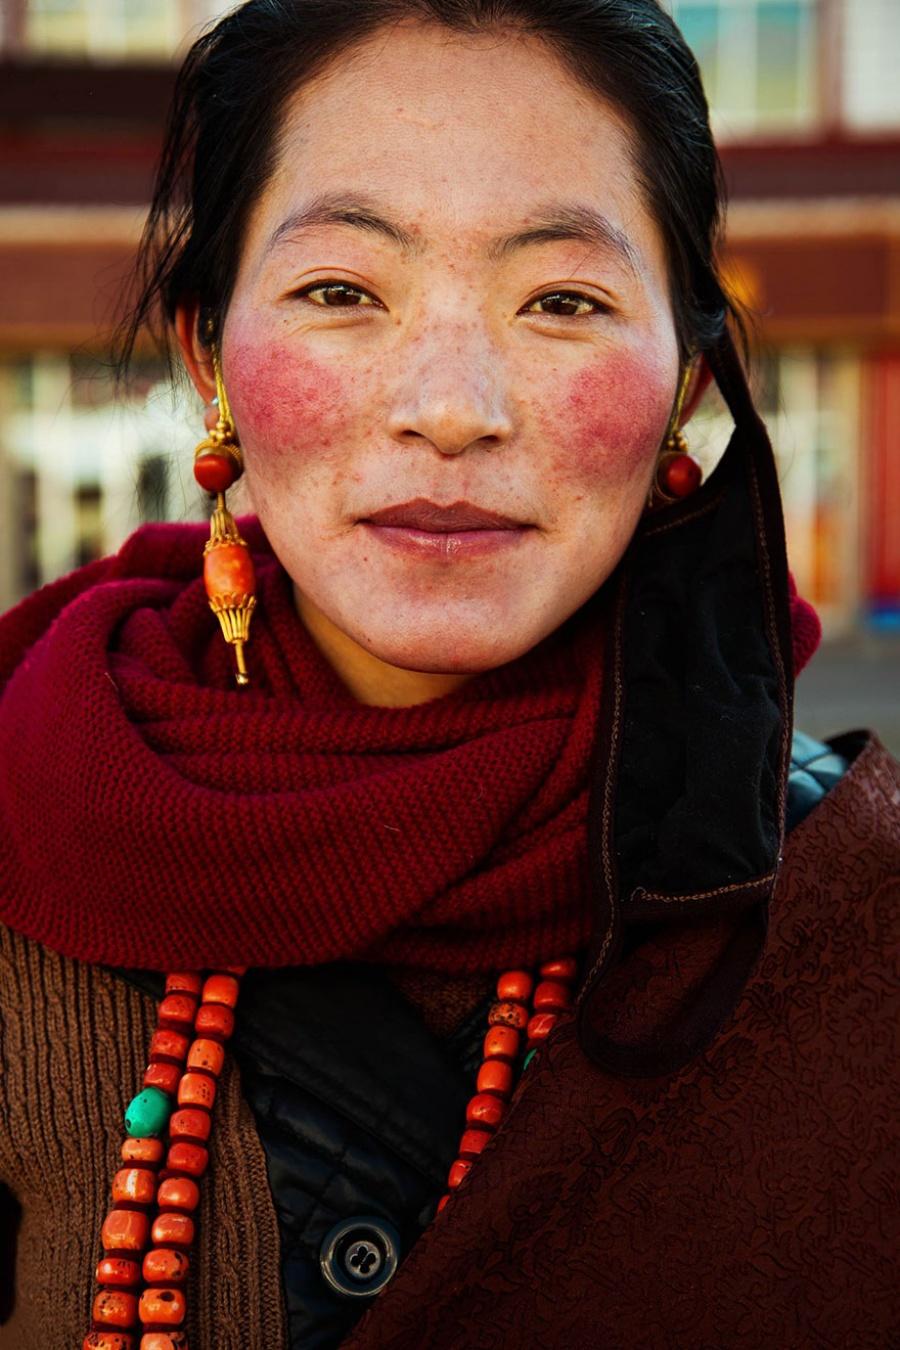 13376810-R3L8T8D-900-different-countries-women-portrait-photography-michaela-noroc-15-tibet-china-1